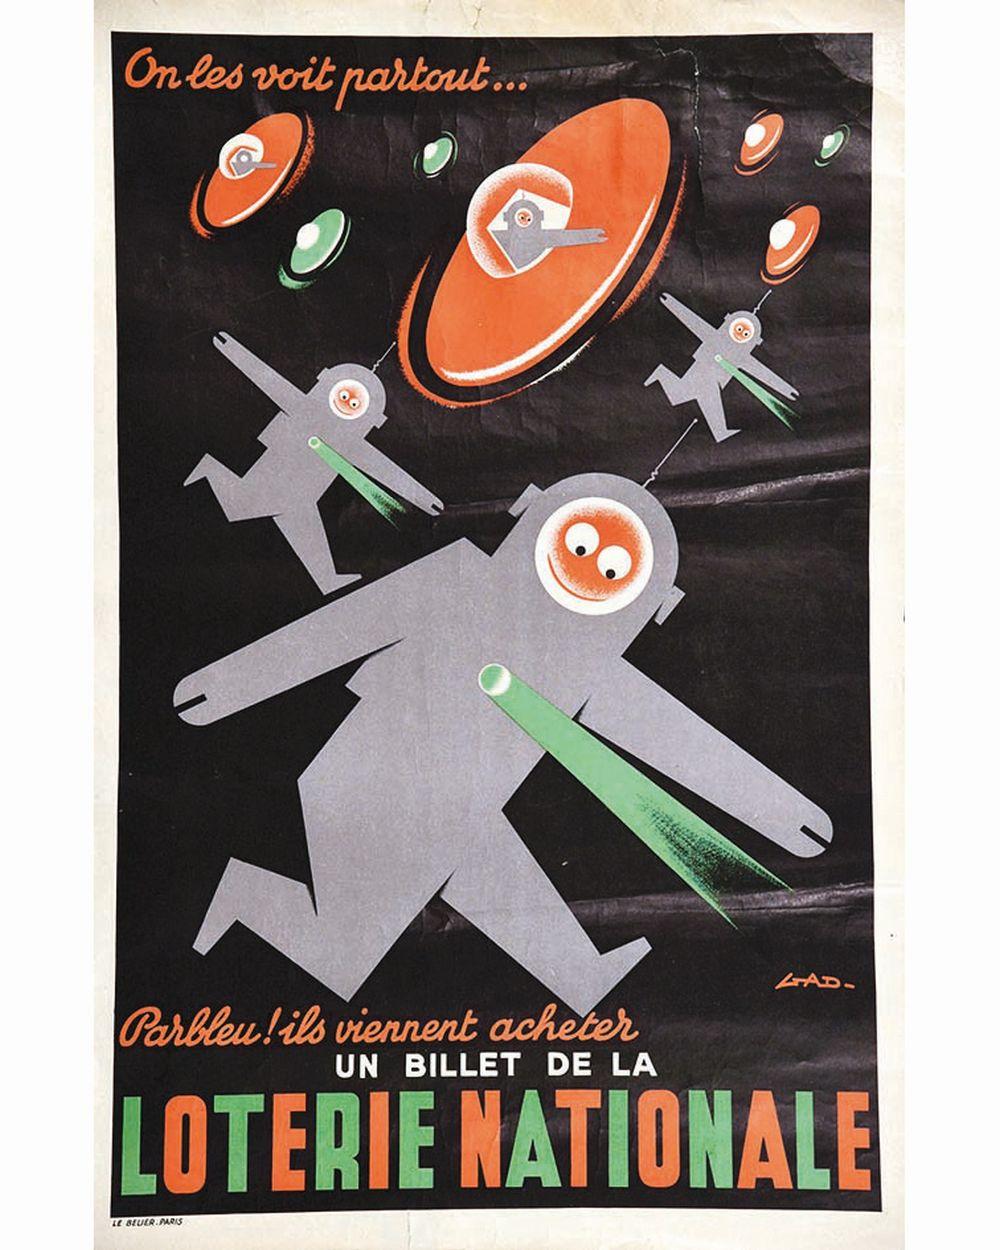 GAD - On les Voit partout Parbleu ! Ils viennent acheter un billet de la Loterie Nationale     vers 1950